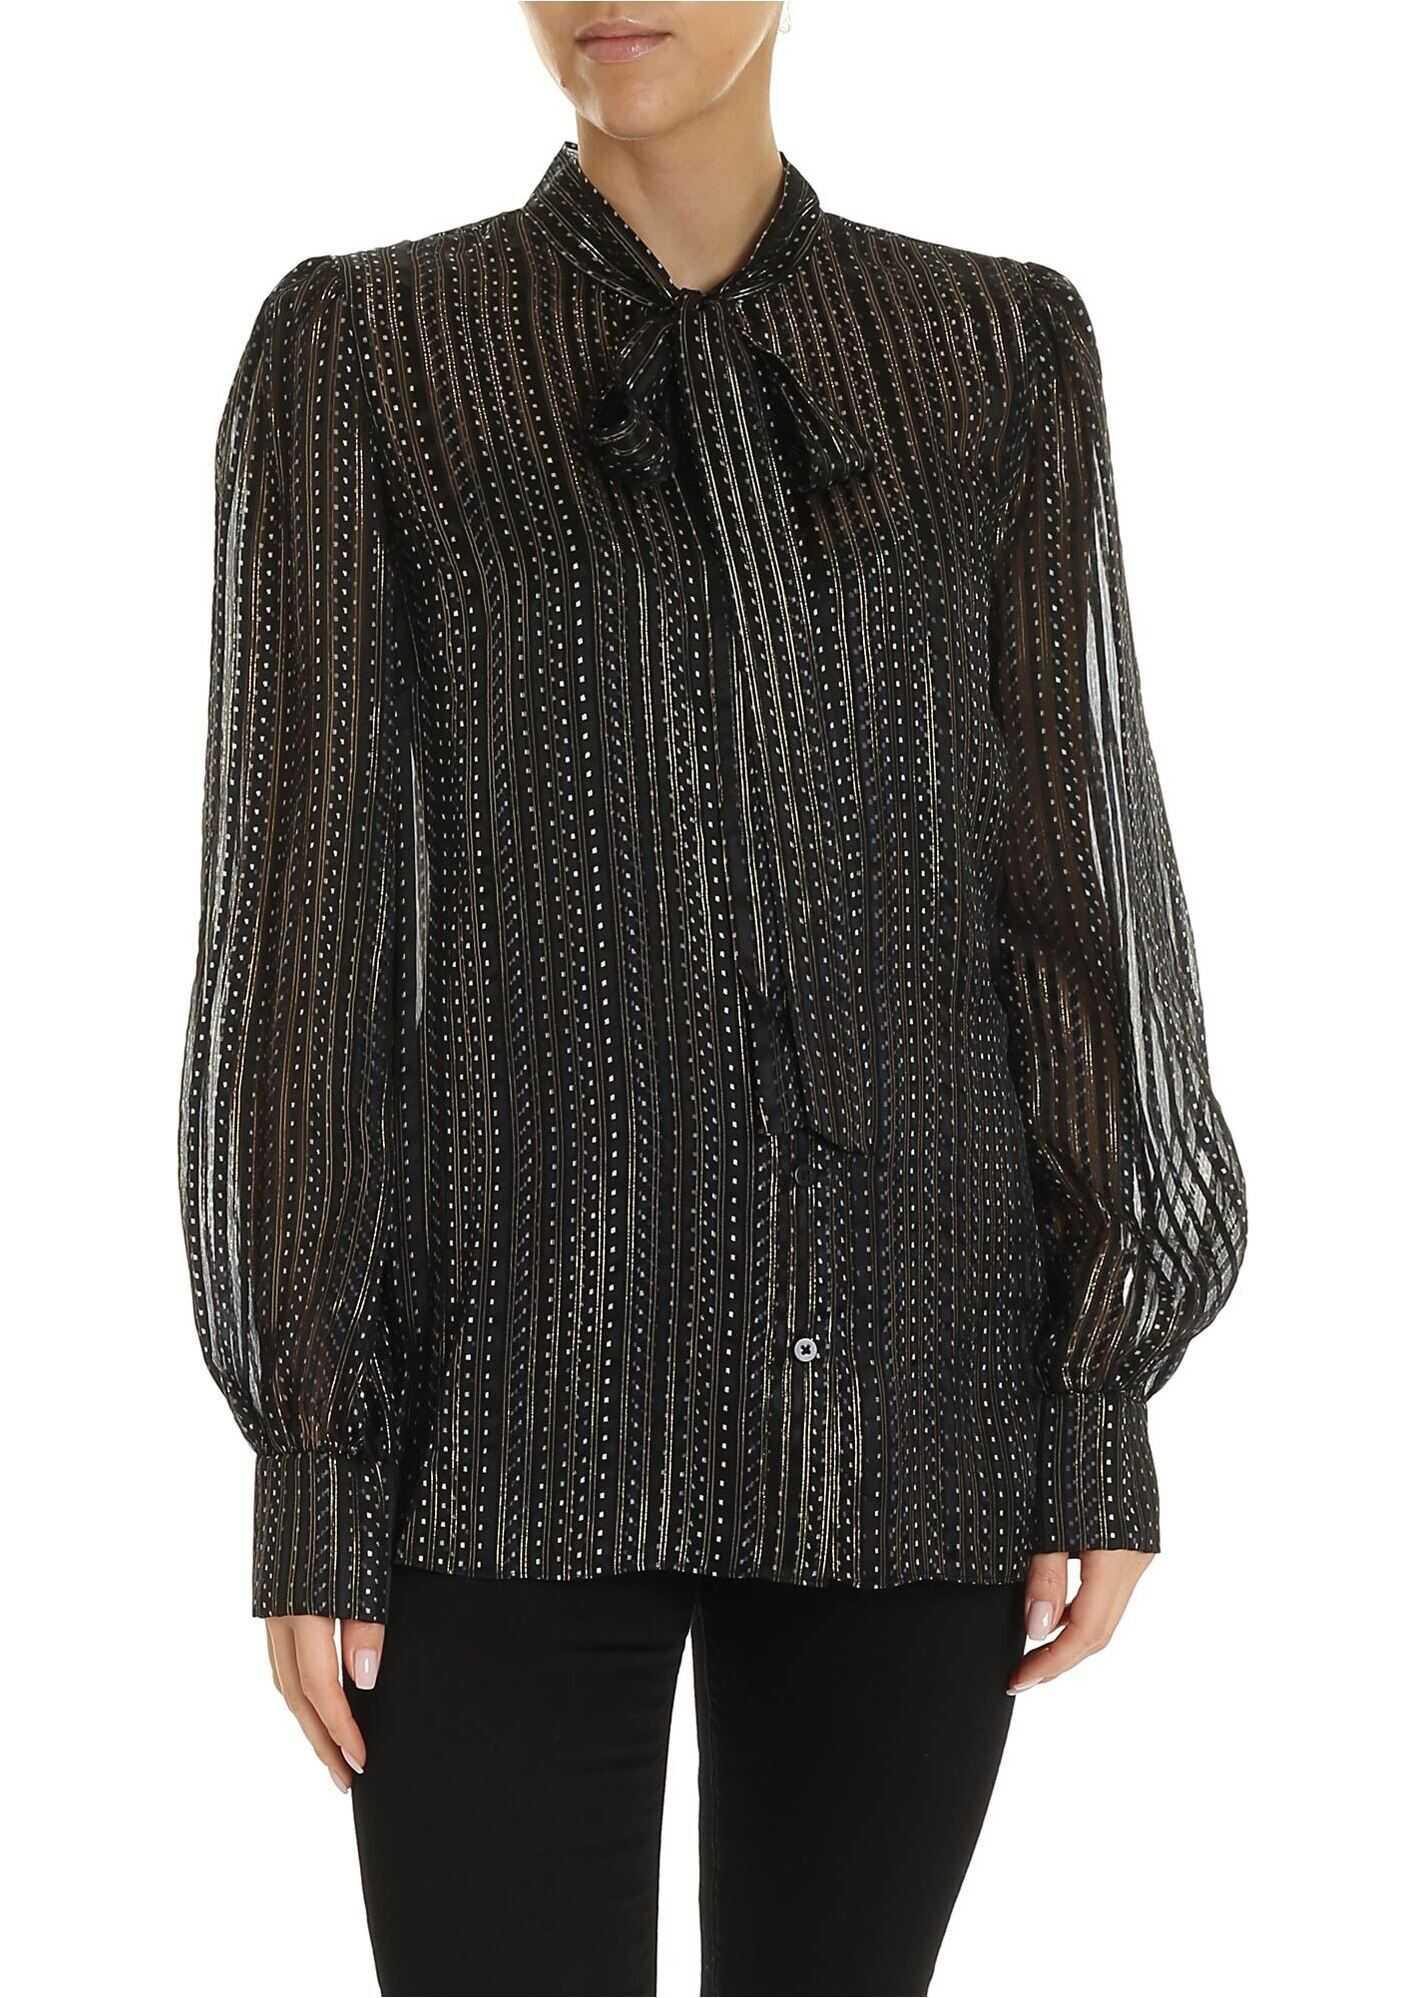 Diane von Furstenberg Lanie Shirt In Black With Golden Stripes Black